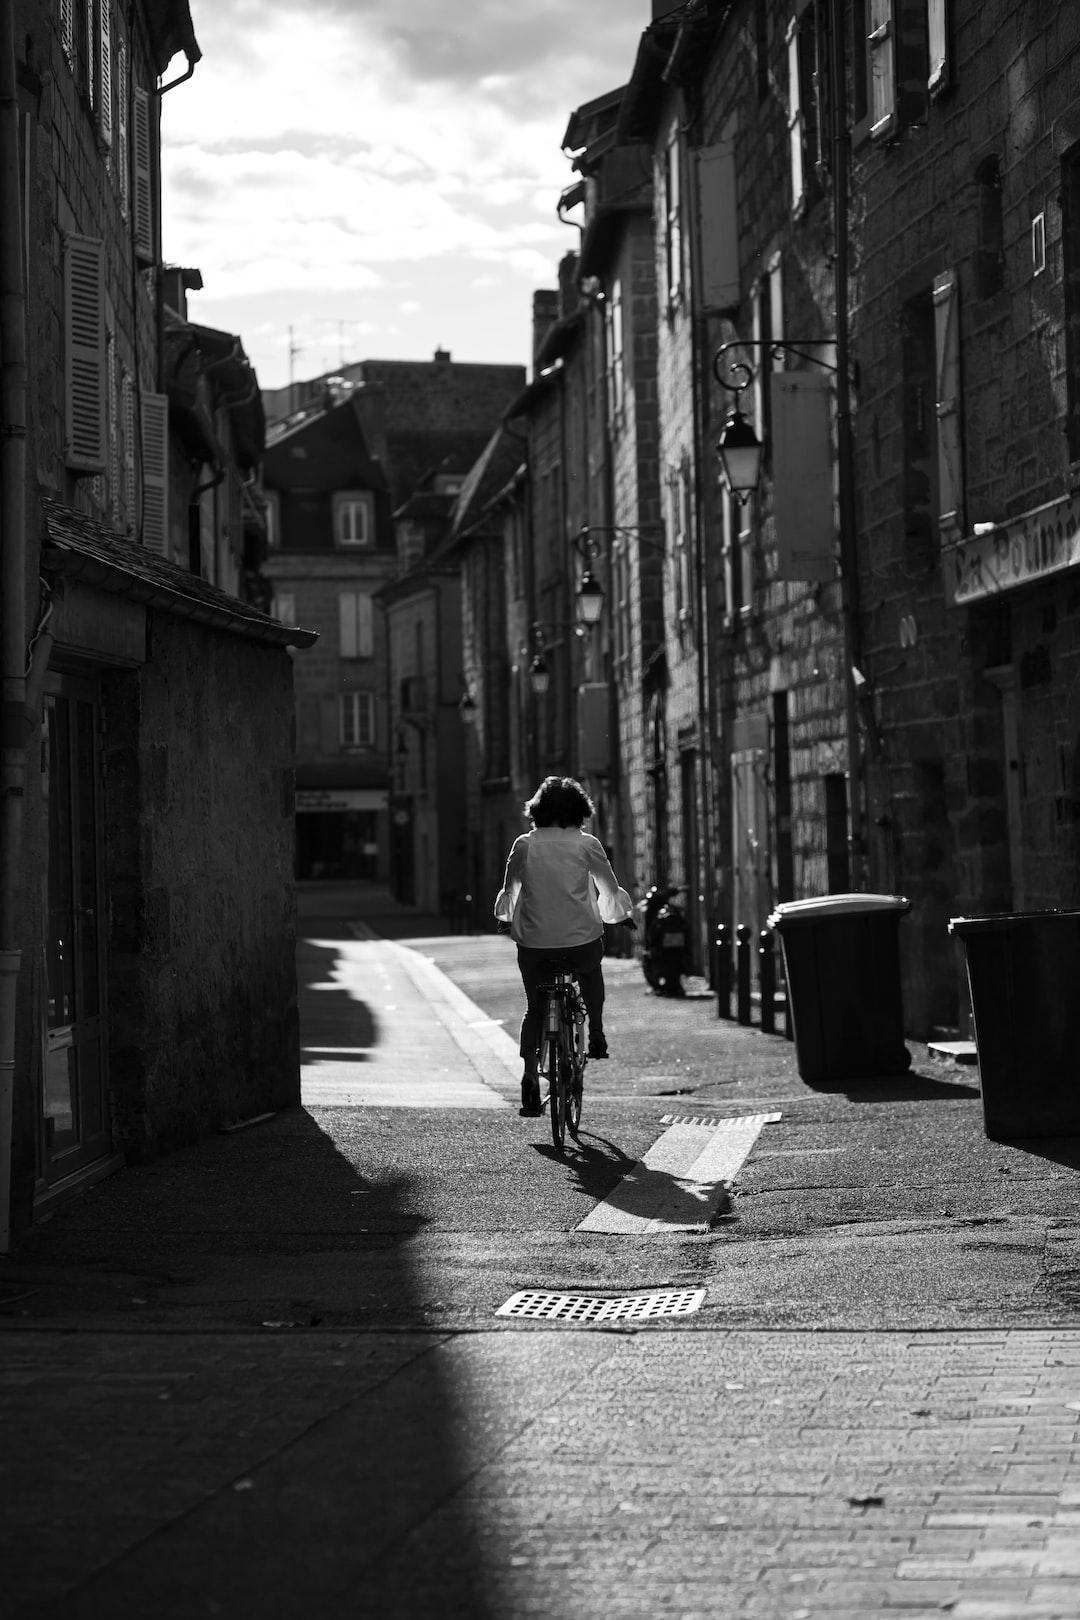 BICYCLE SHOT 📸